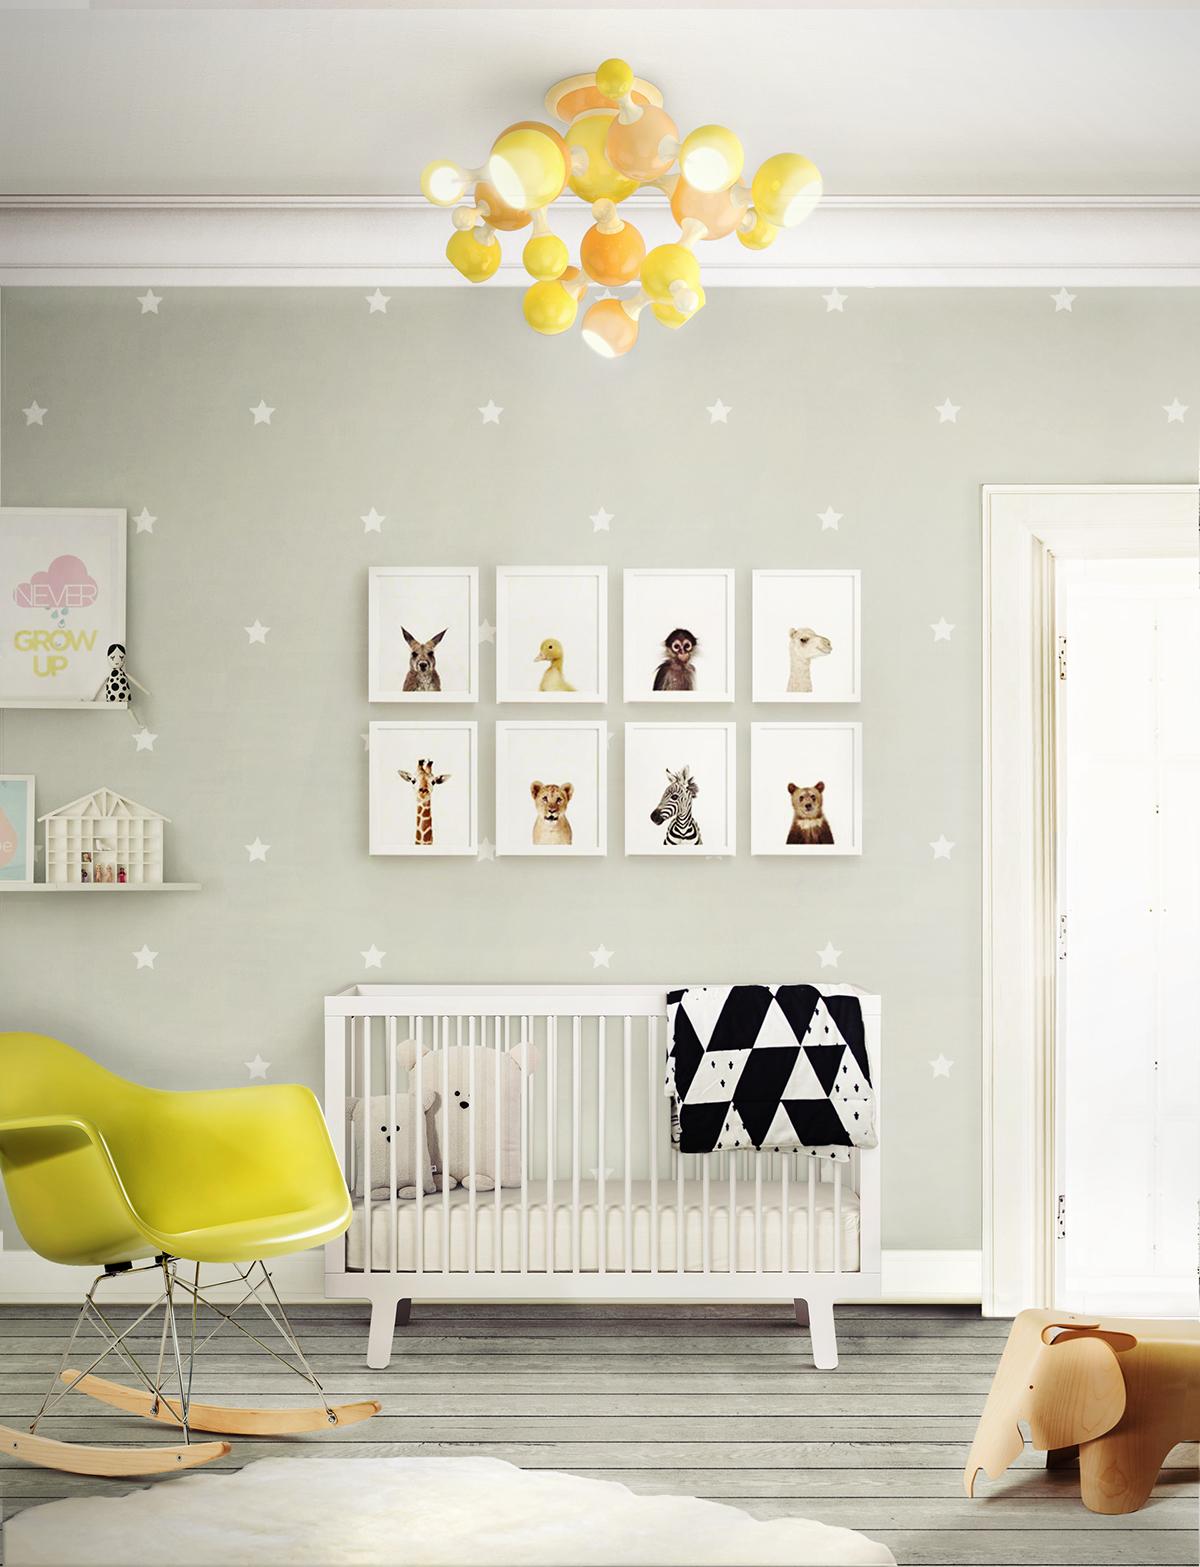 Luminária para quarto infantil amarela